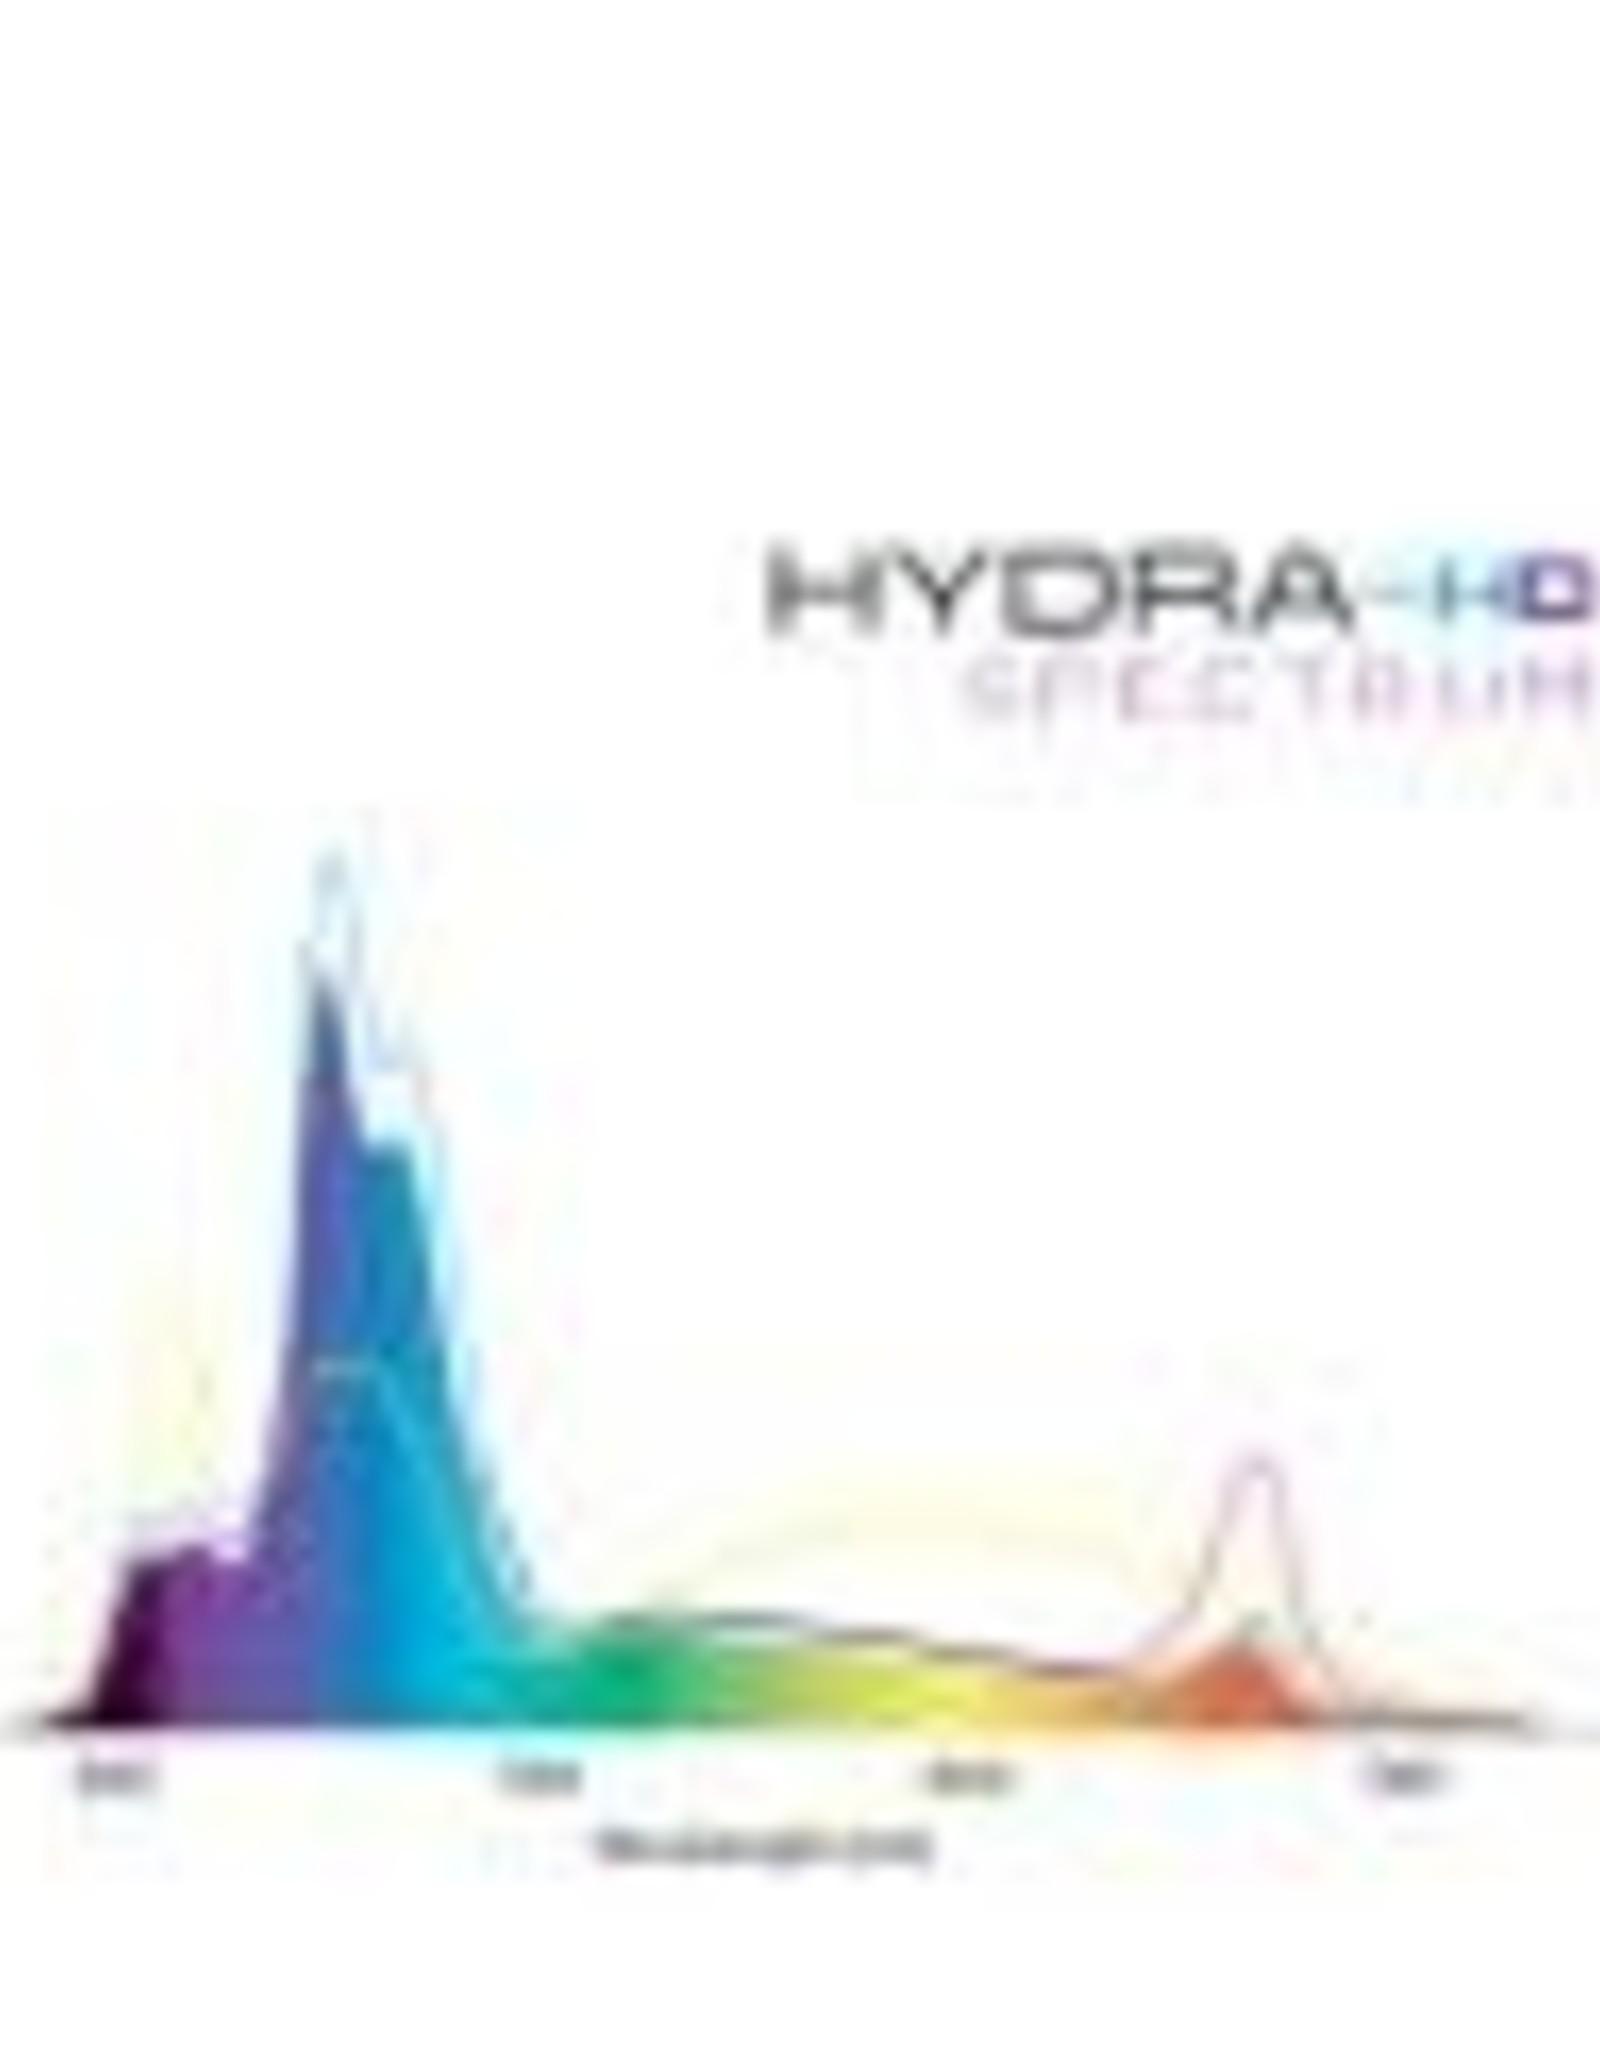 AQUAL ILLUMINATION Hydra 26 HD